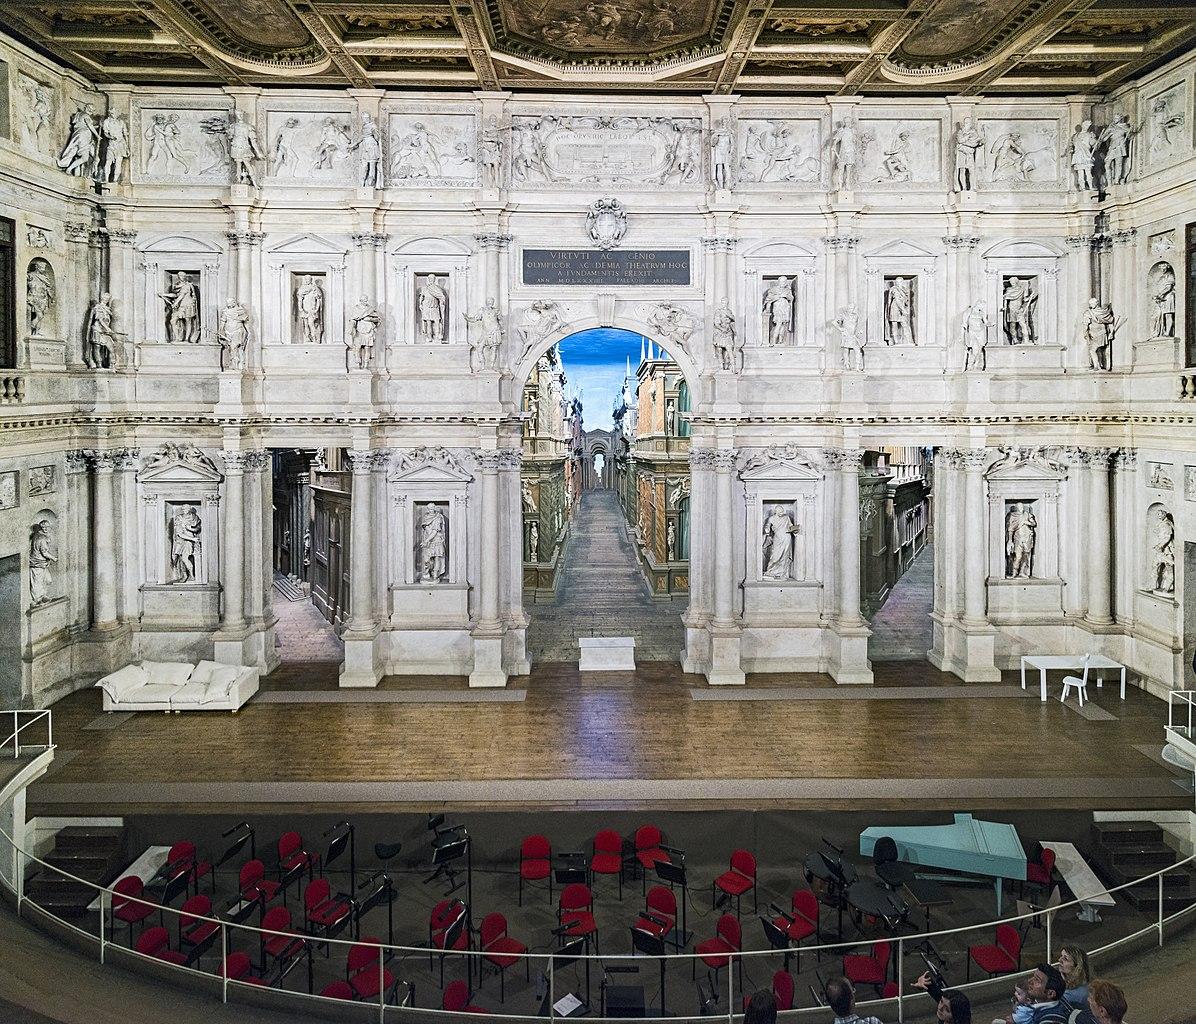 Teatro Olimpico din Vicenza11